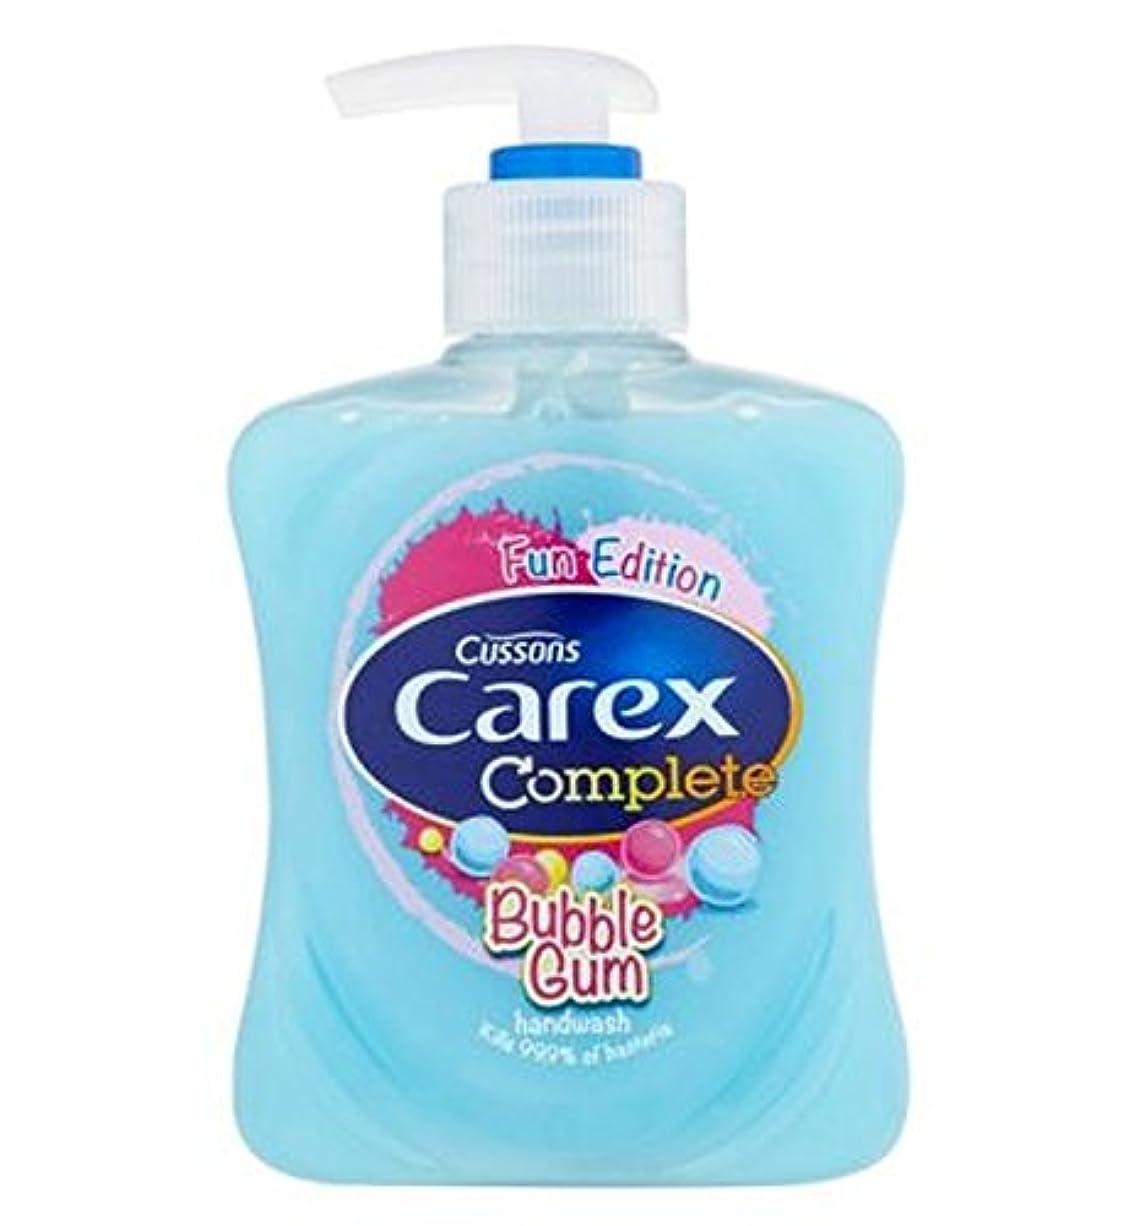 番号全部スクリューCarex Fun Bubble Gum Hand Wash 250ml - スゲ属楽しいバブルガムハンドウォッシュ250ミリリットル (Carex) [並行輸入品]